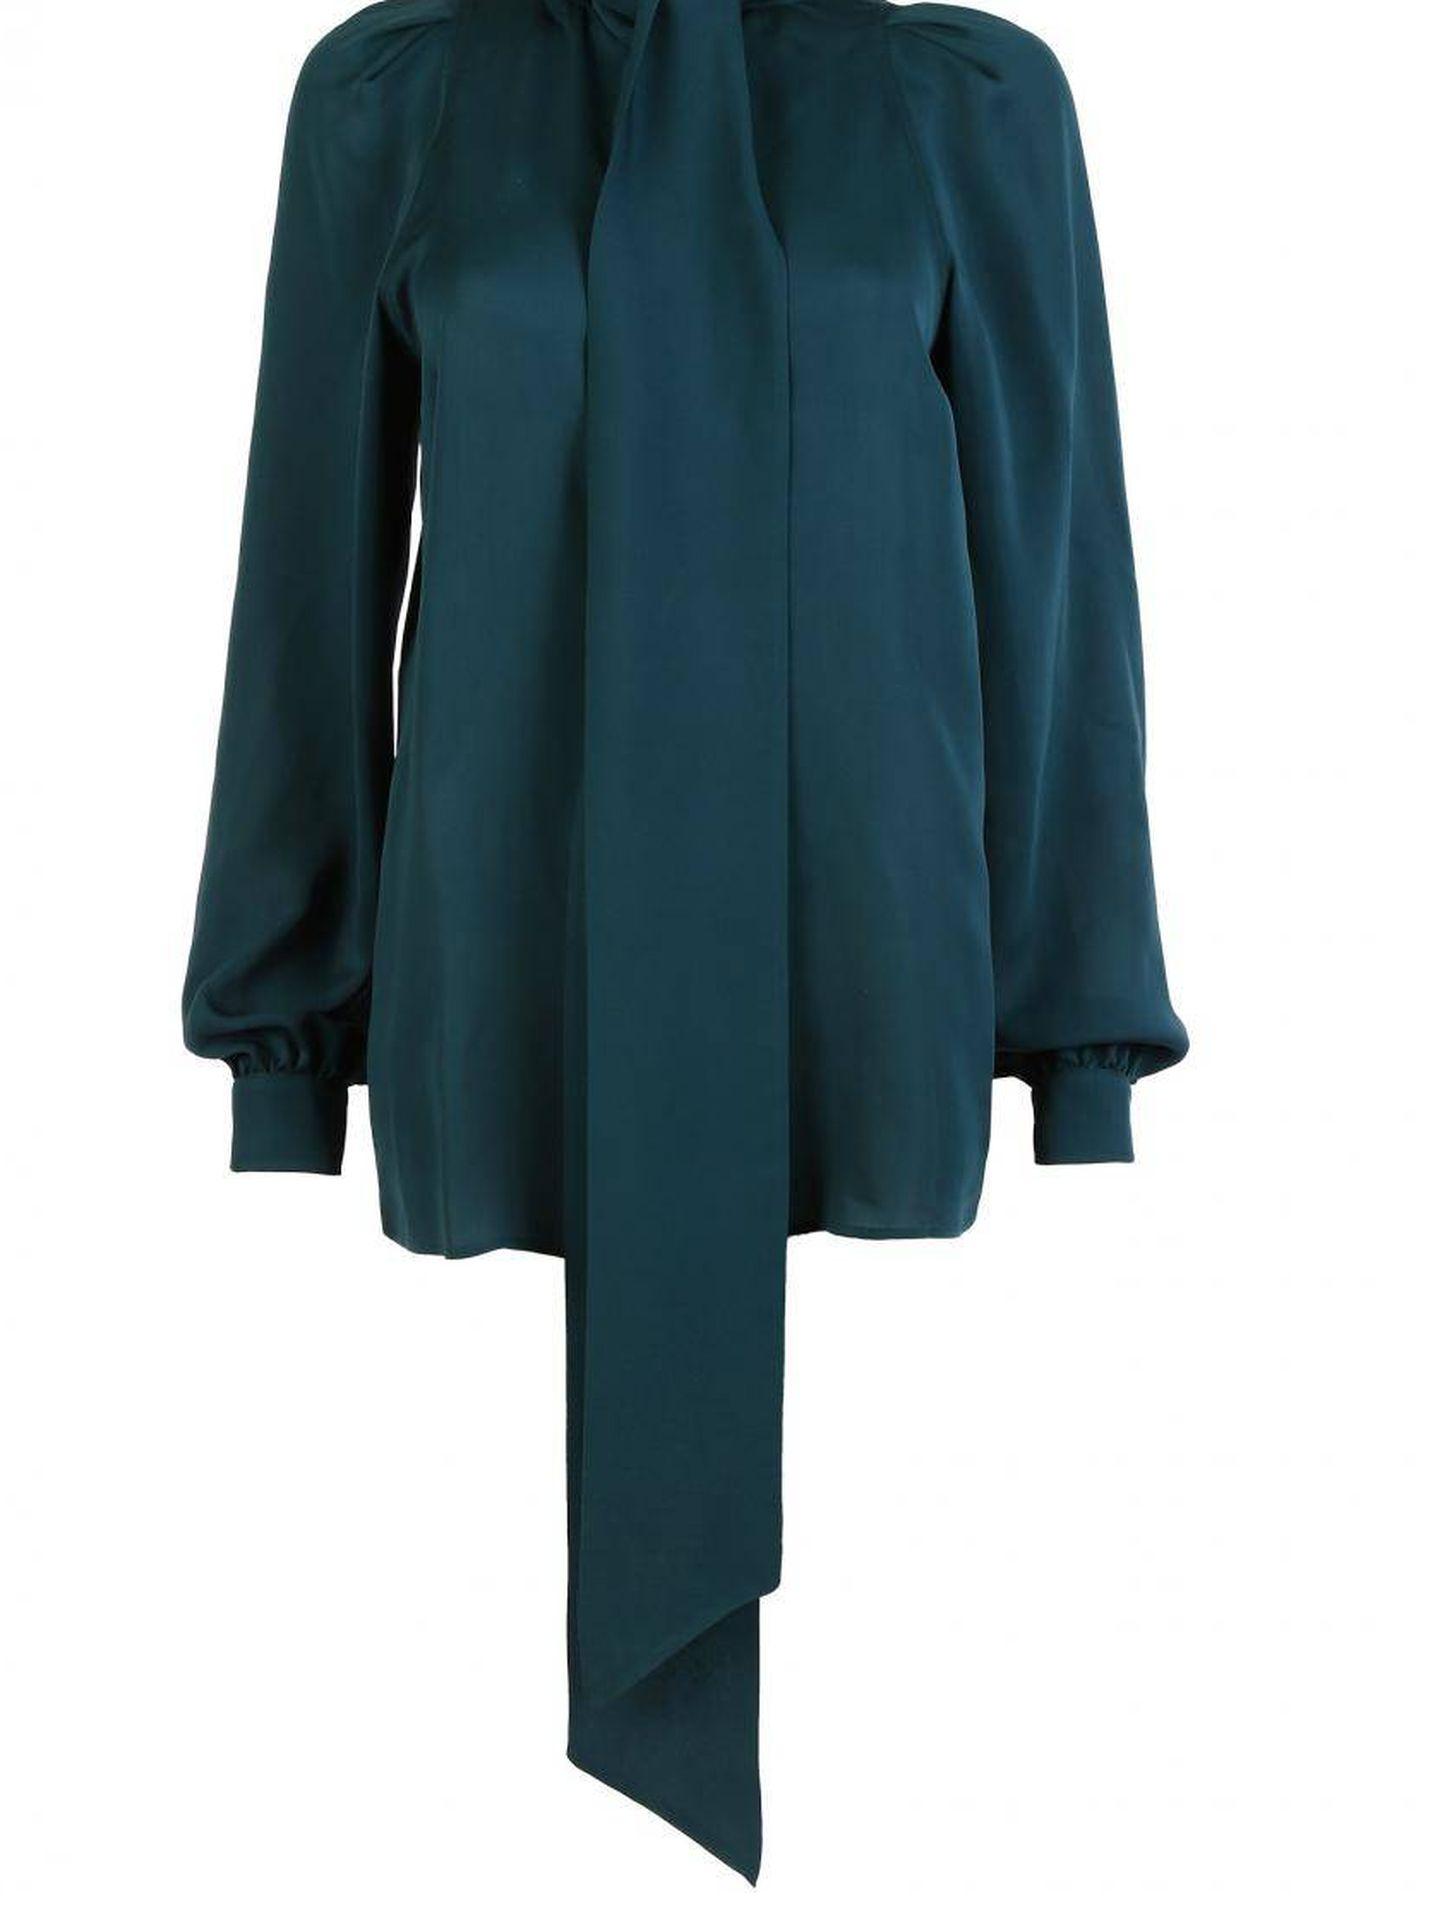 La blusa de Gucci que lleva Máxima. (Cortesía)